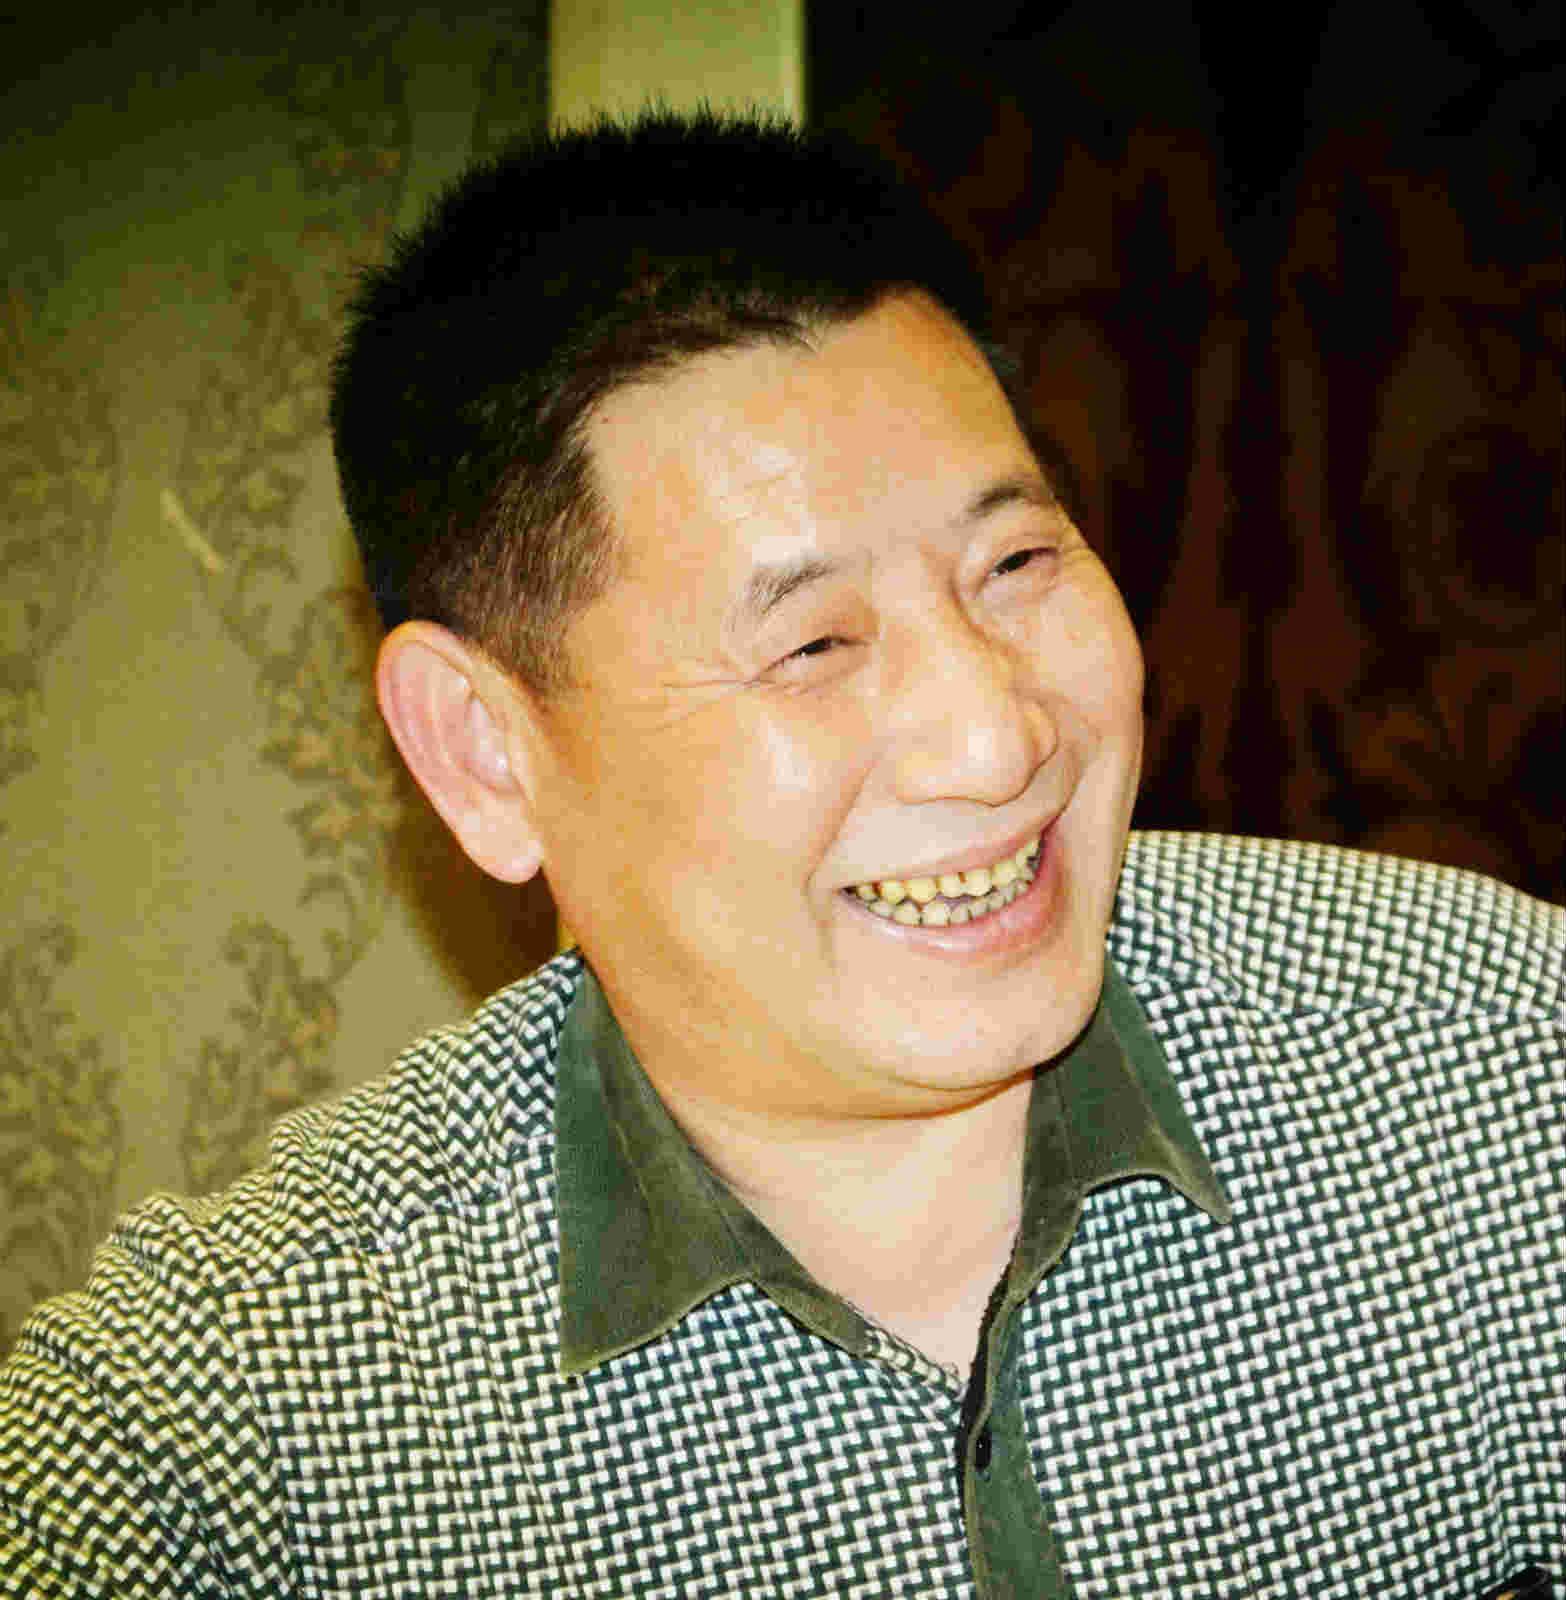 四川泸州国宾酒厂董事长谢宗贵在品鉴会上 吴礼明 摄.jpg